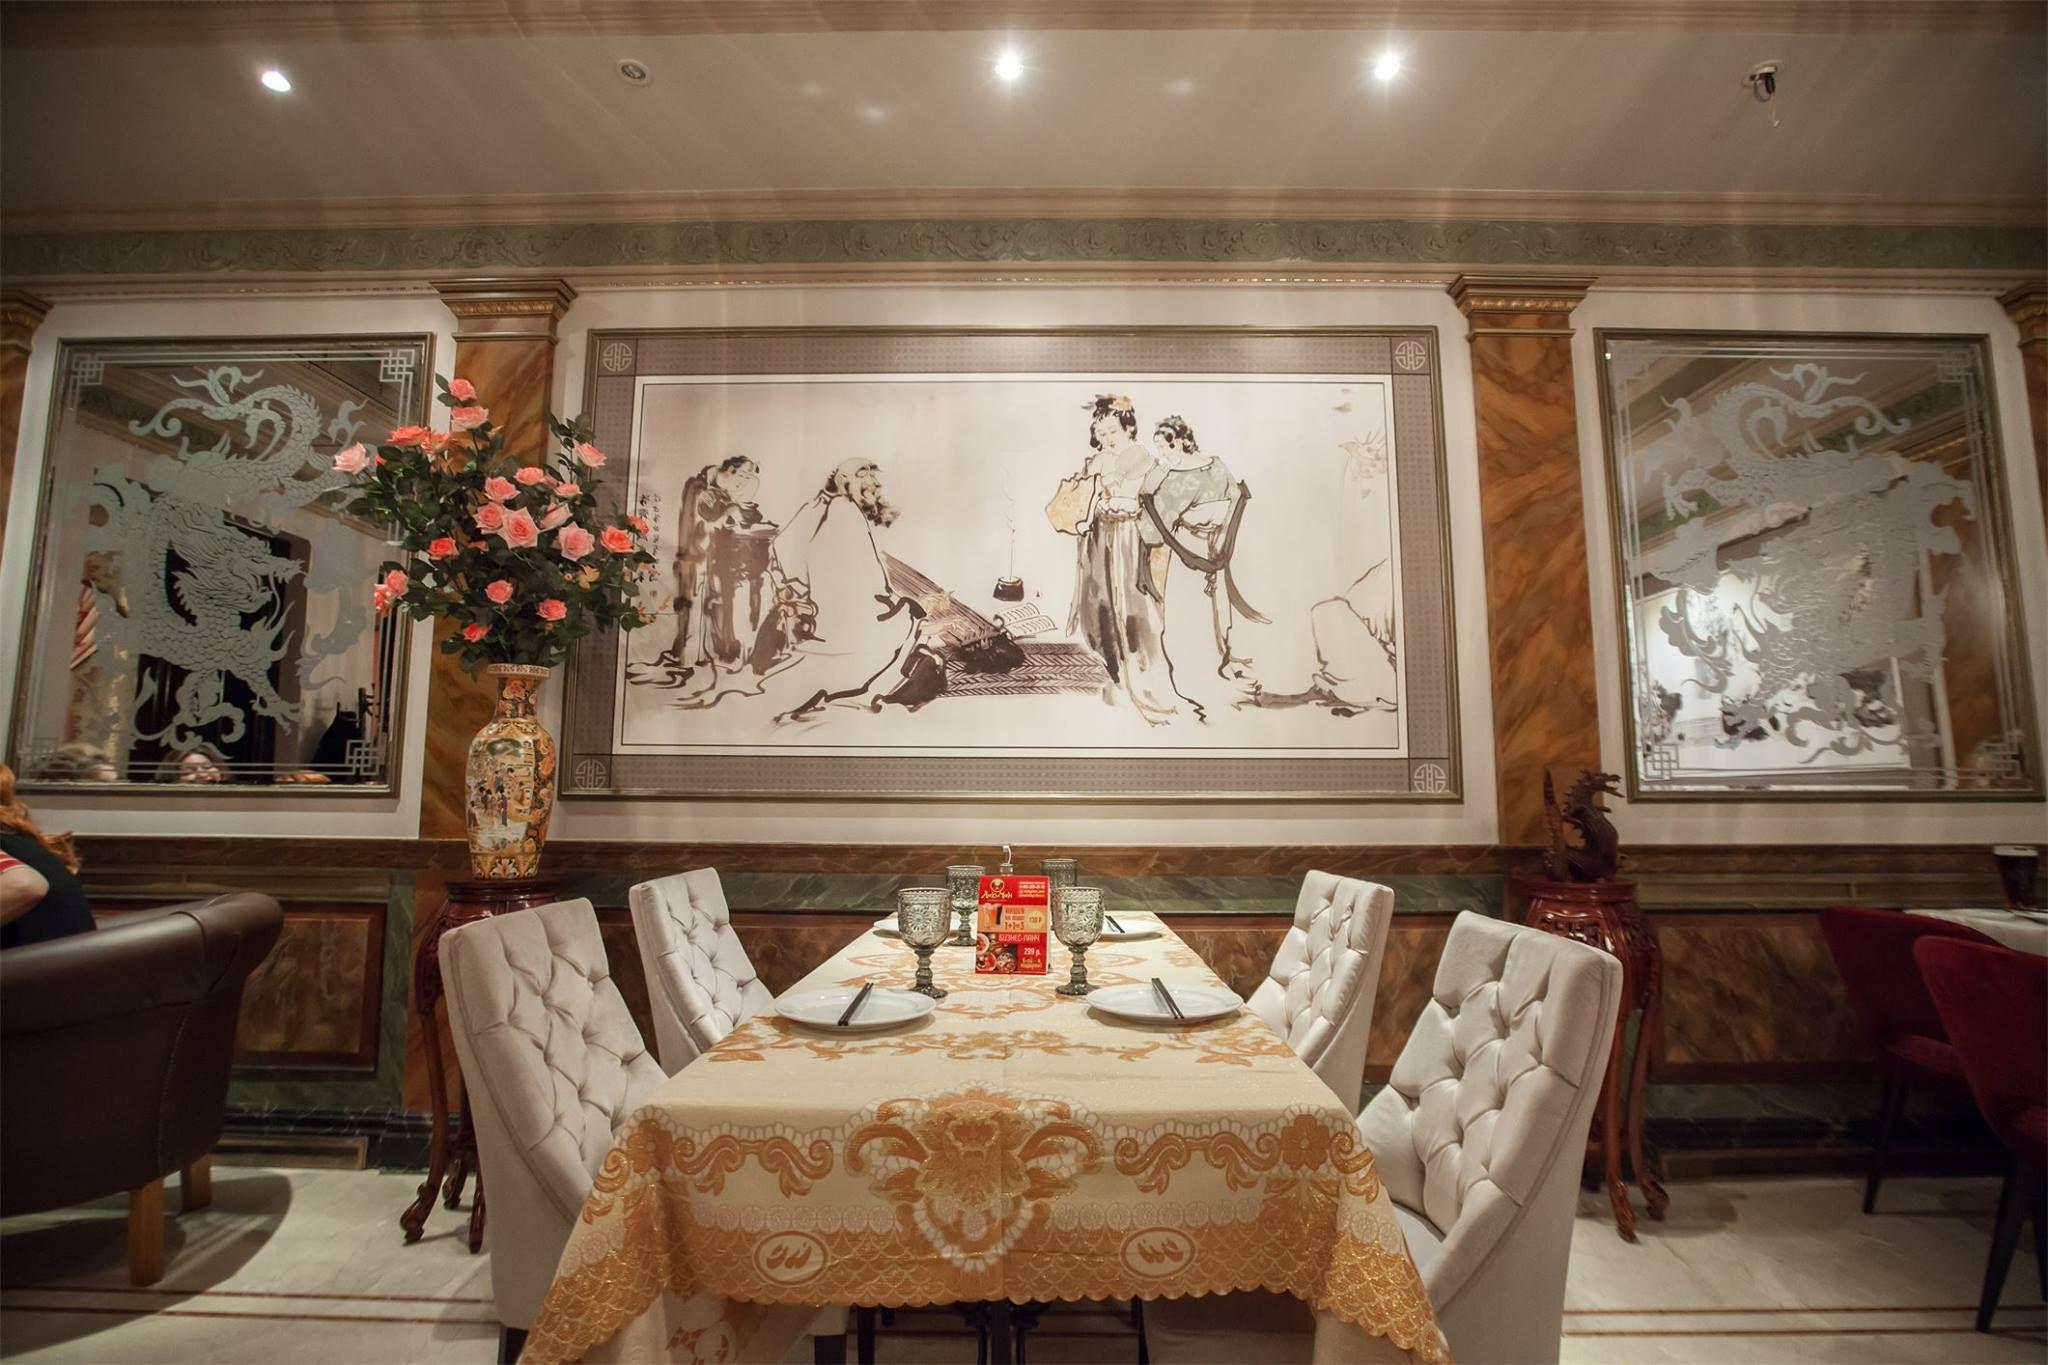 Скидка до 50% на блюда и напитки в ресторане «Лаки Чан» фото 1